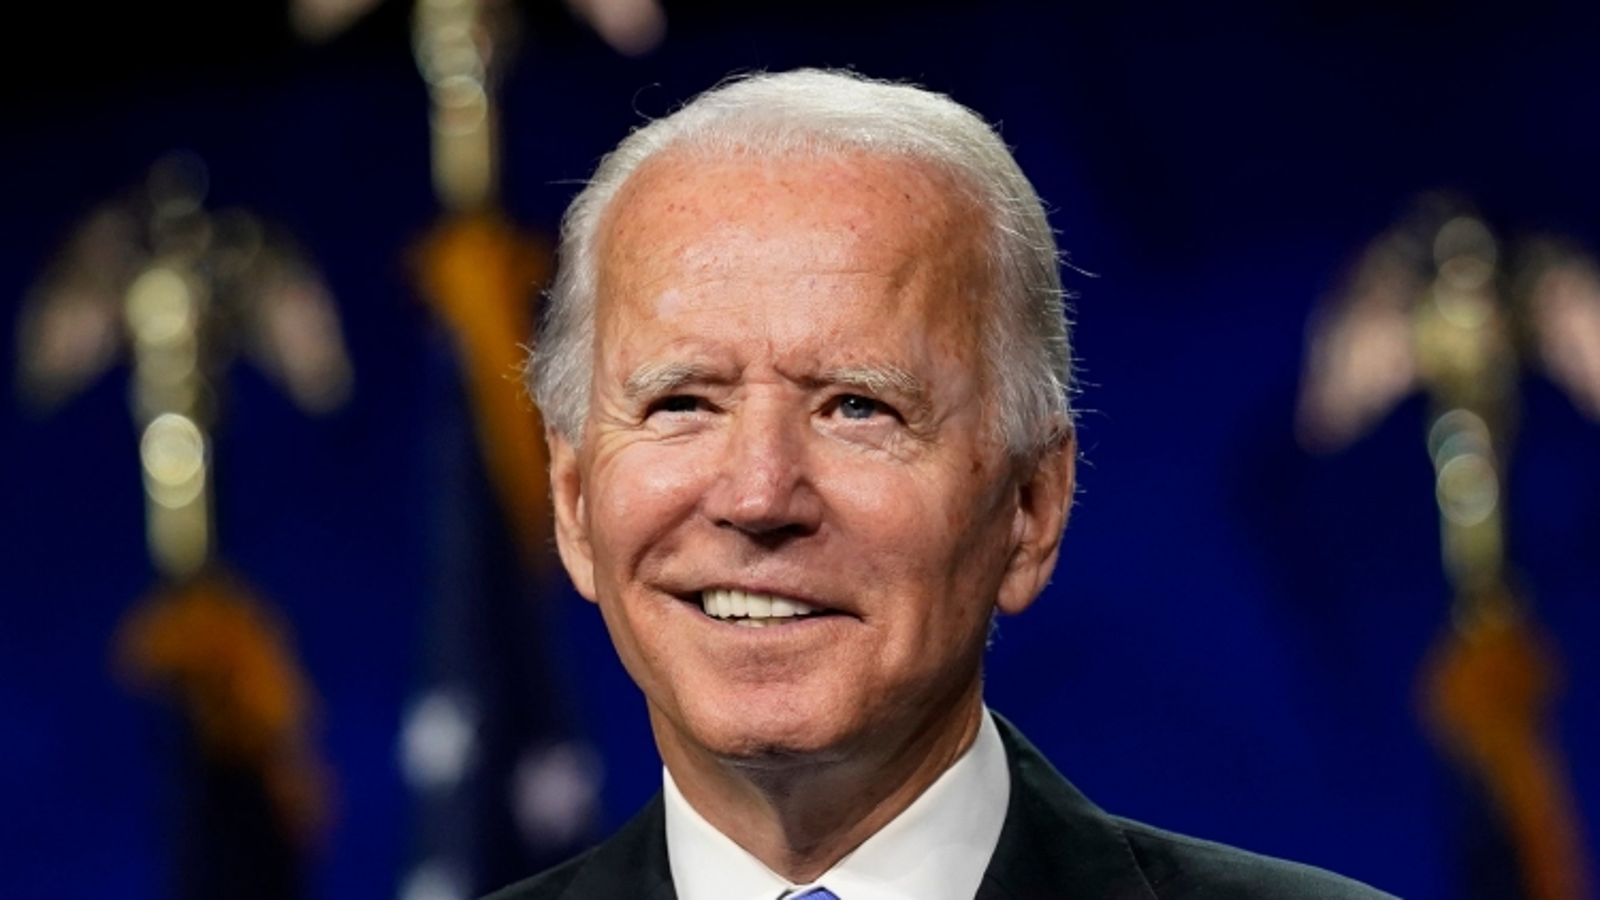 Joe Biden: Quan hệ Mỹ - Trung không phải trò chơi có tổng bằng 0